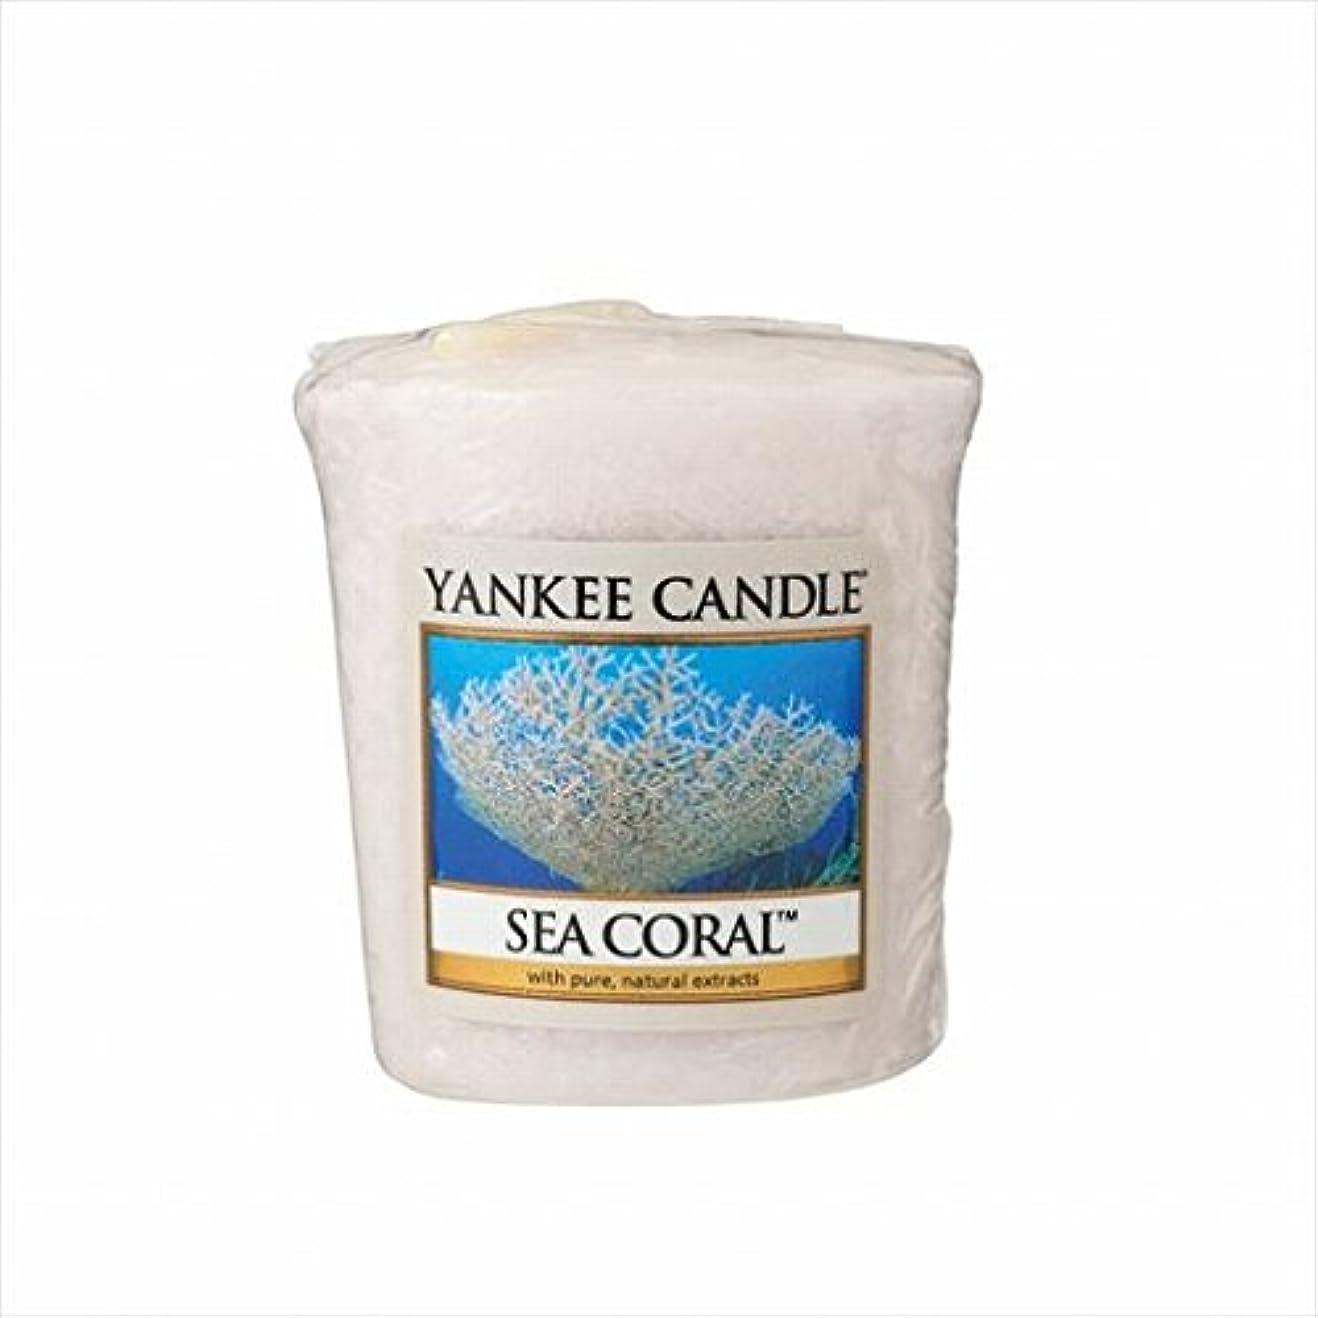 置換遊び場郵便物カメヤマキャンドル(kameyama candle) YANKEE CANDLE サンプラー 「 シーコーラル 」